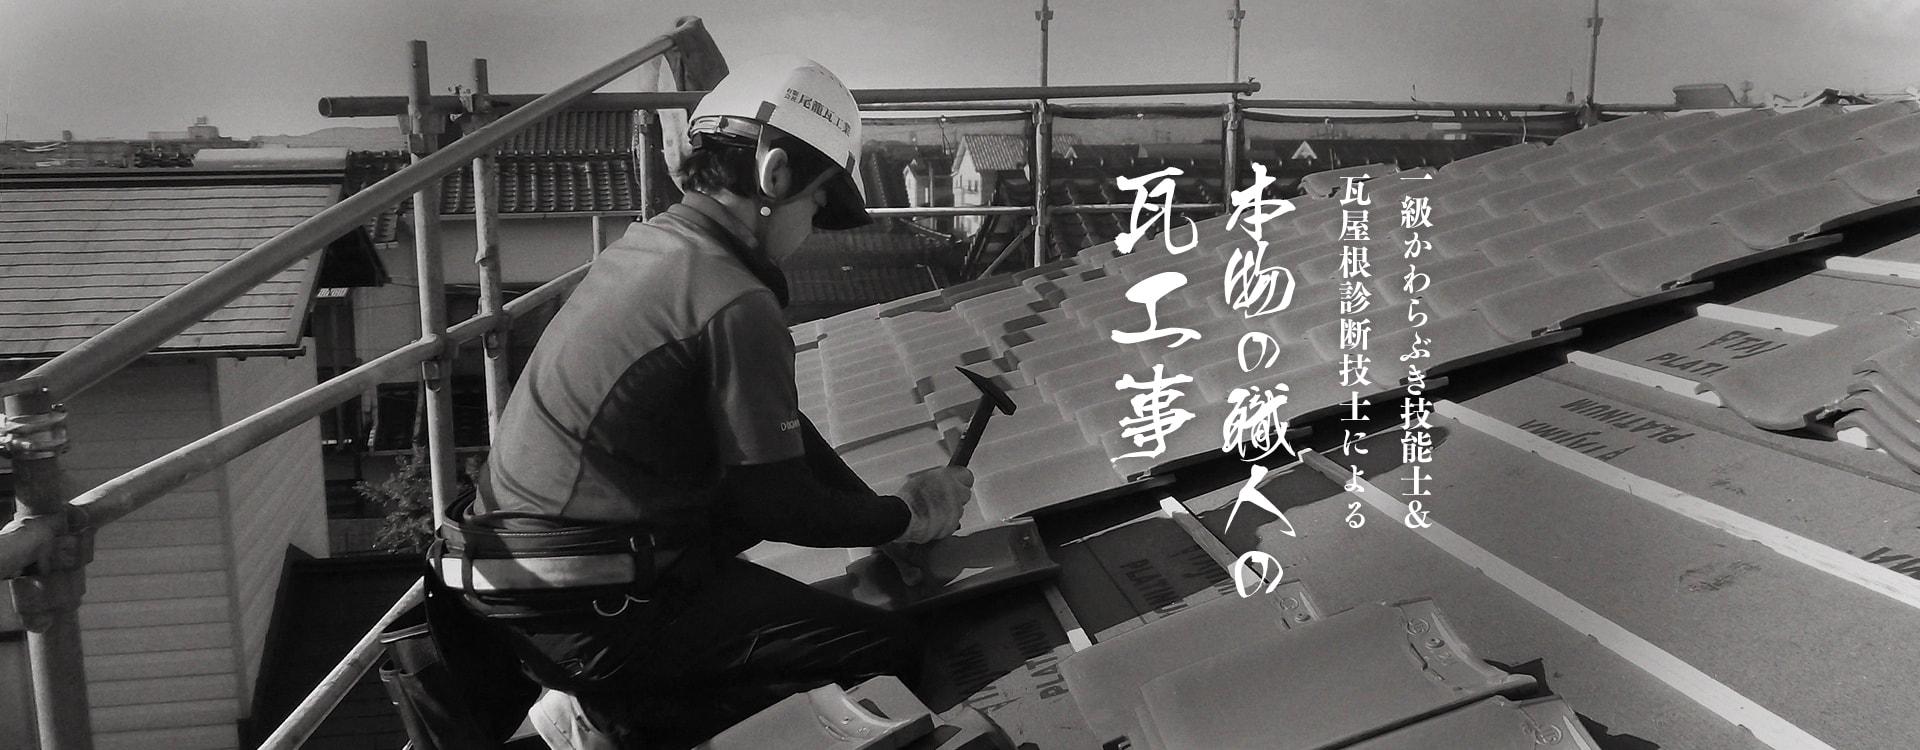 一級かわらぶき技能士&瓦屋根診断技士による本物の職人の瓦工事